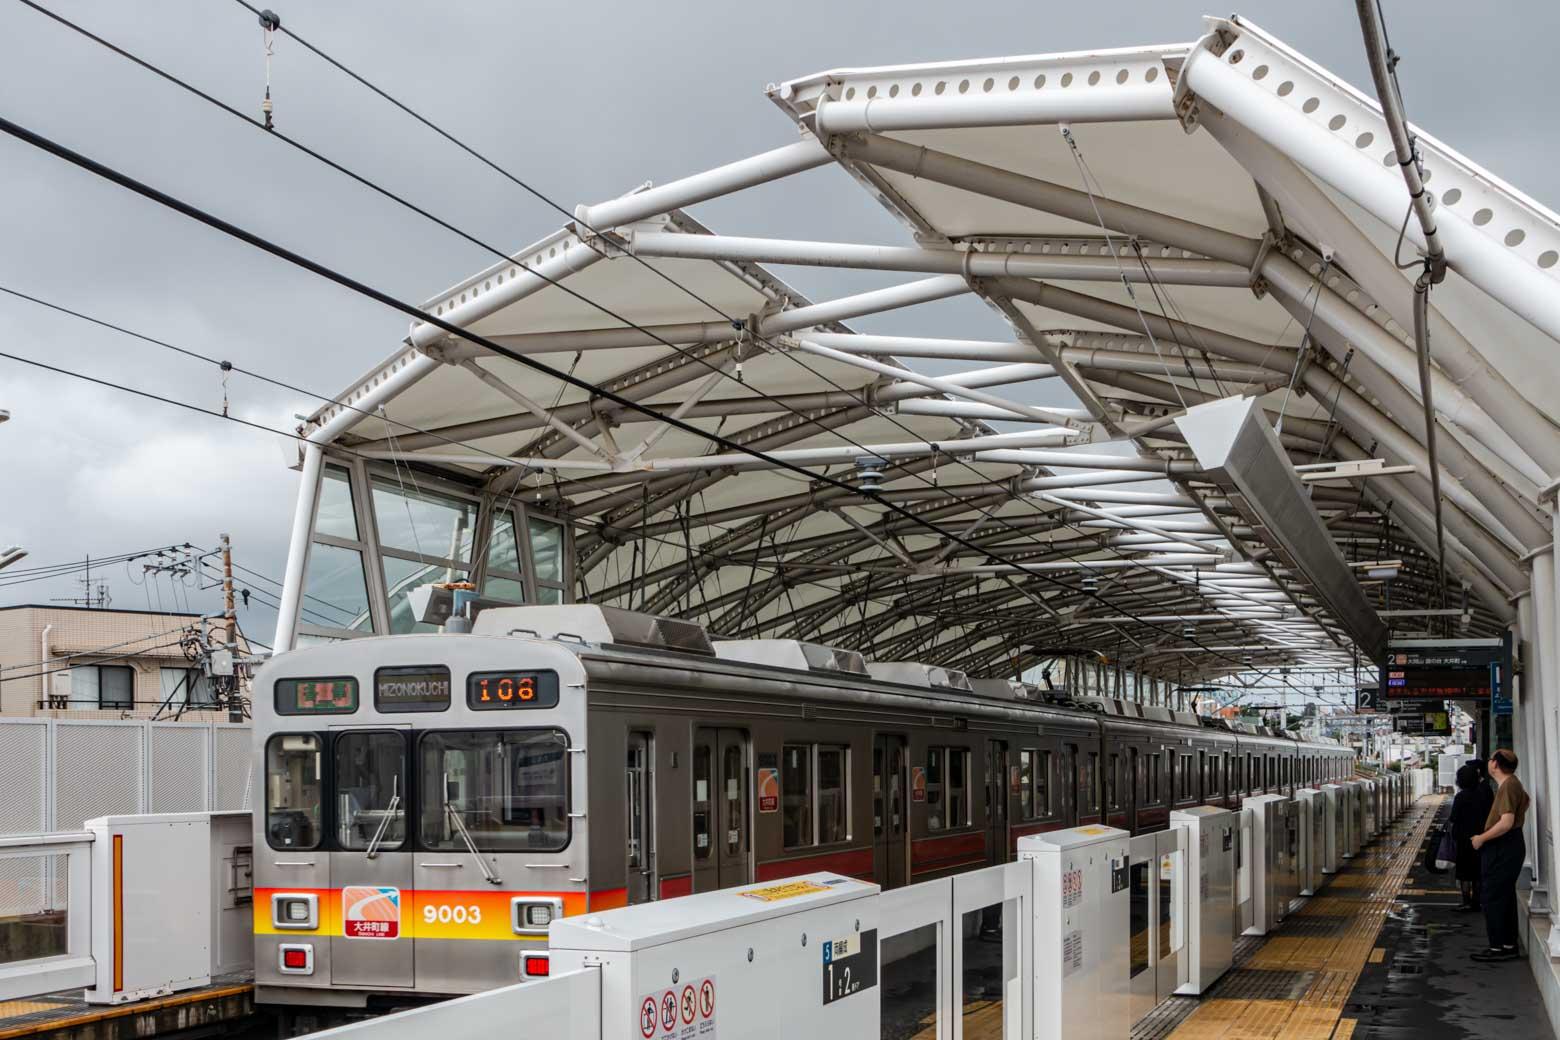 緑が丘駅に到着。駅舎の構造が非常にカッコよく、訪れるたびにレンズを向けてしまいます。